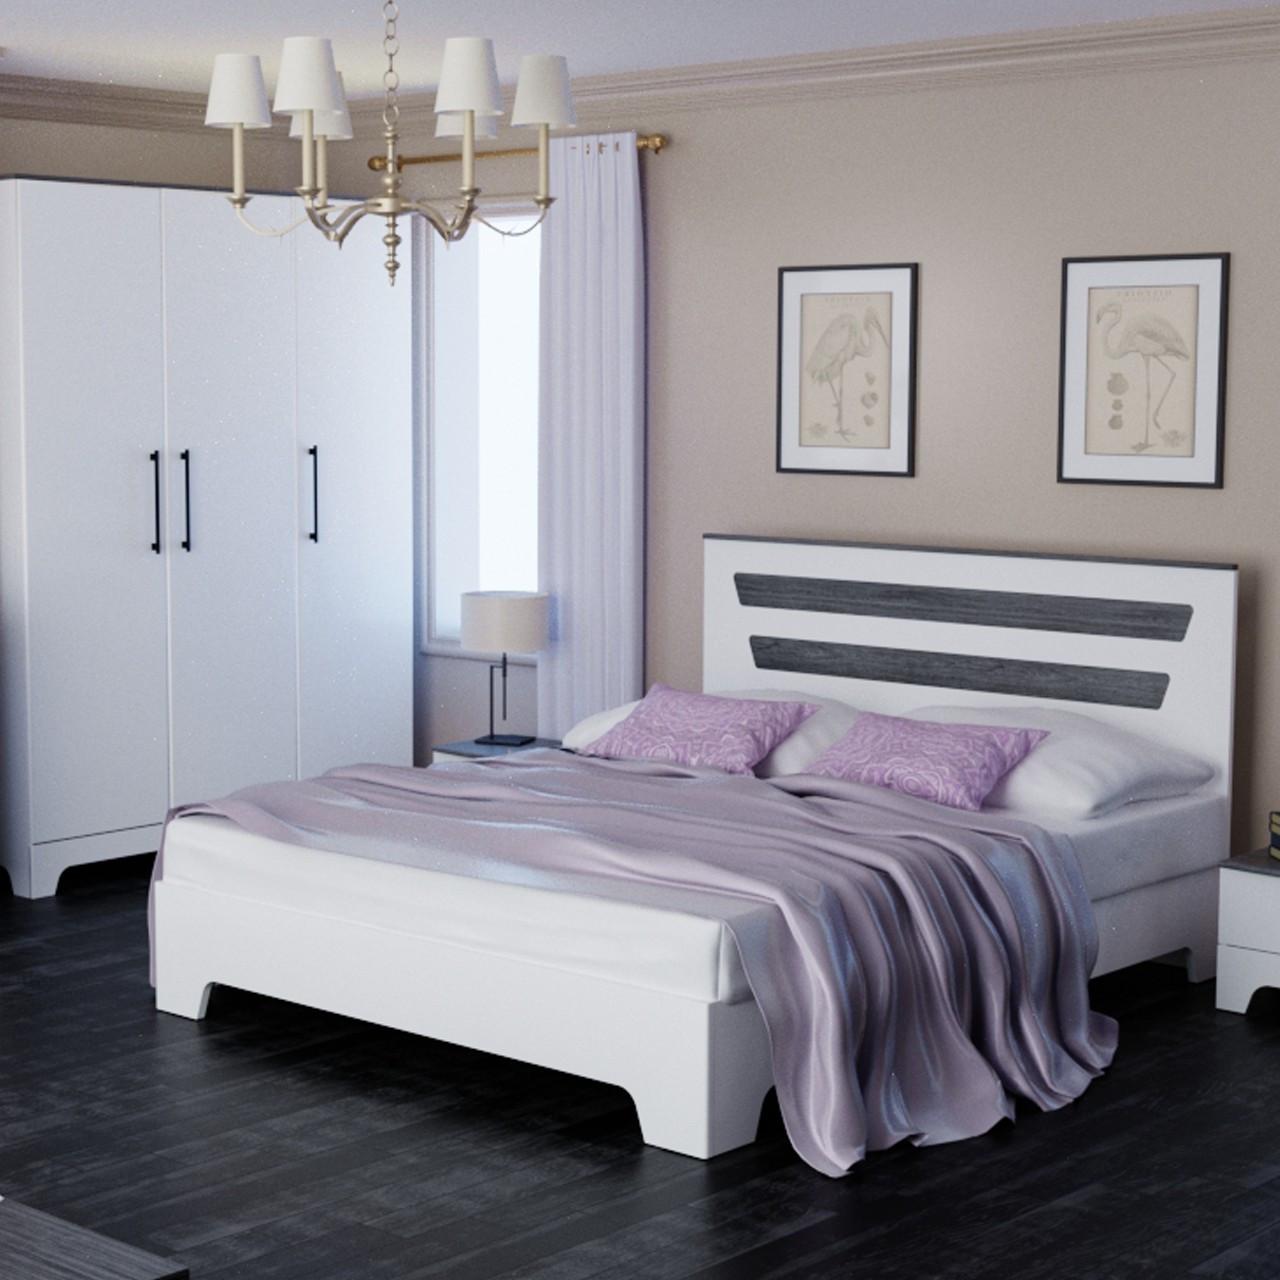 Кровать двуспальная Элен